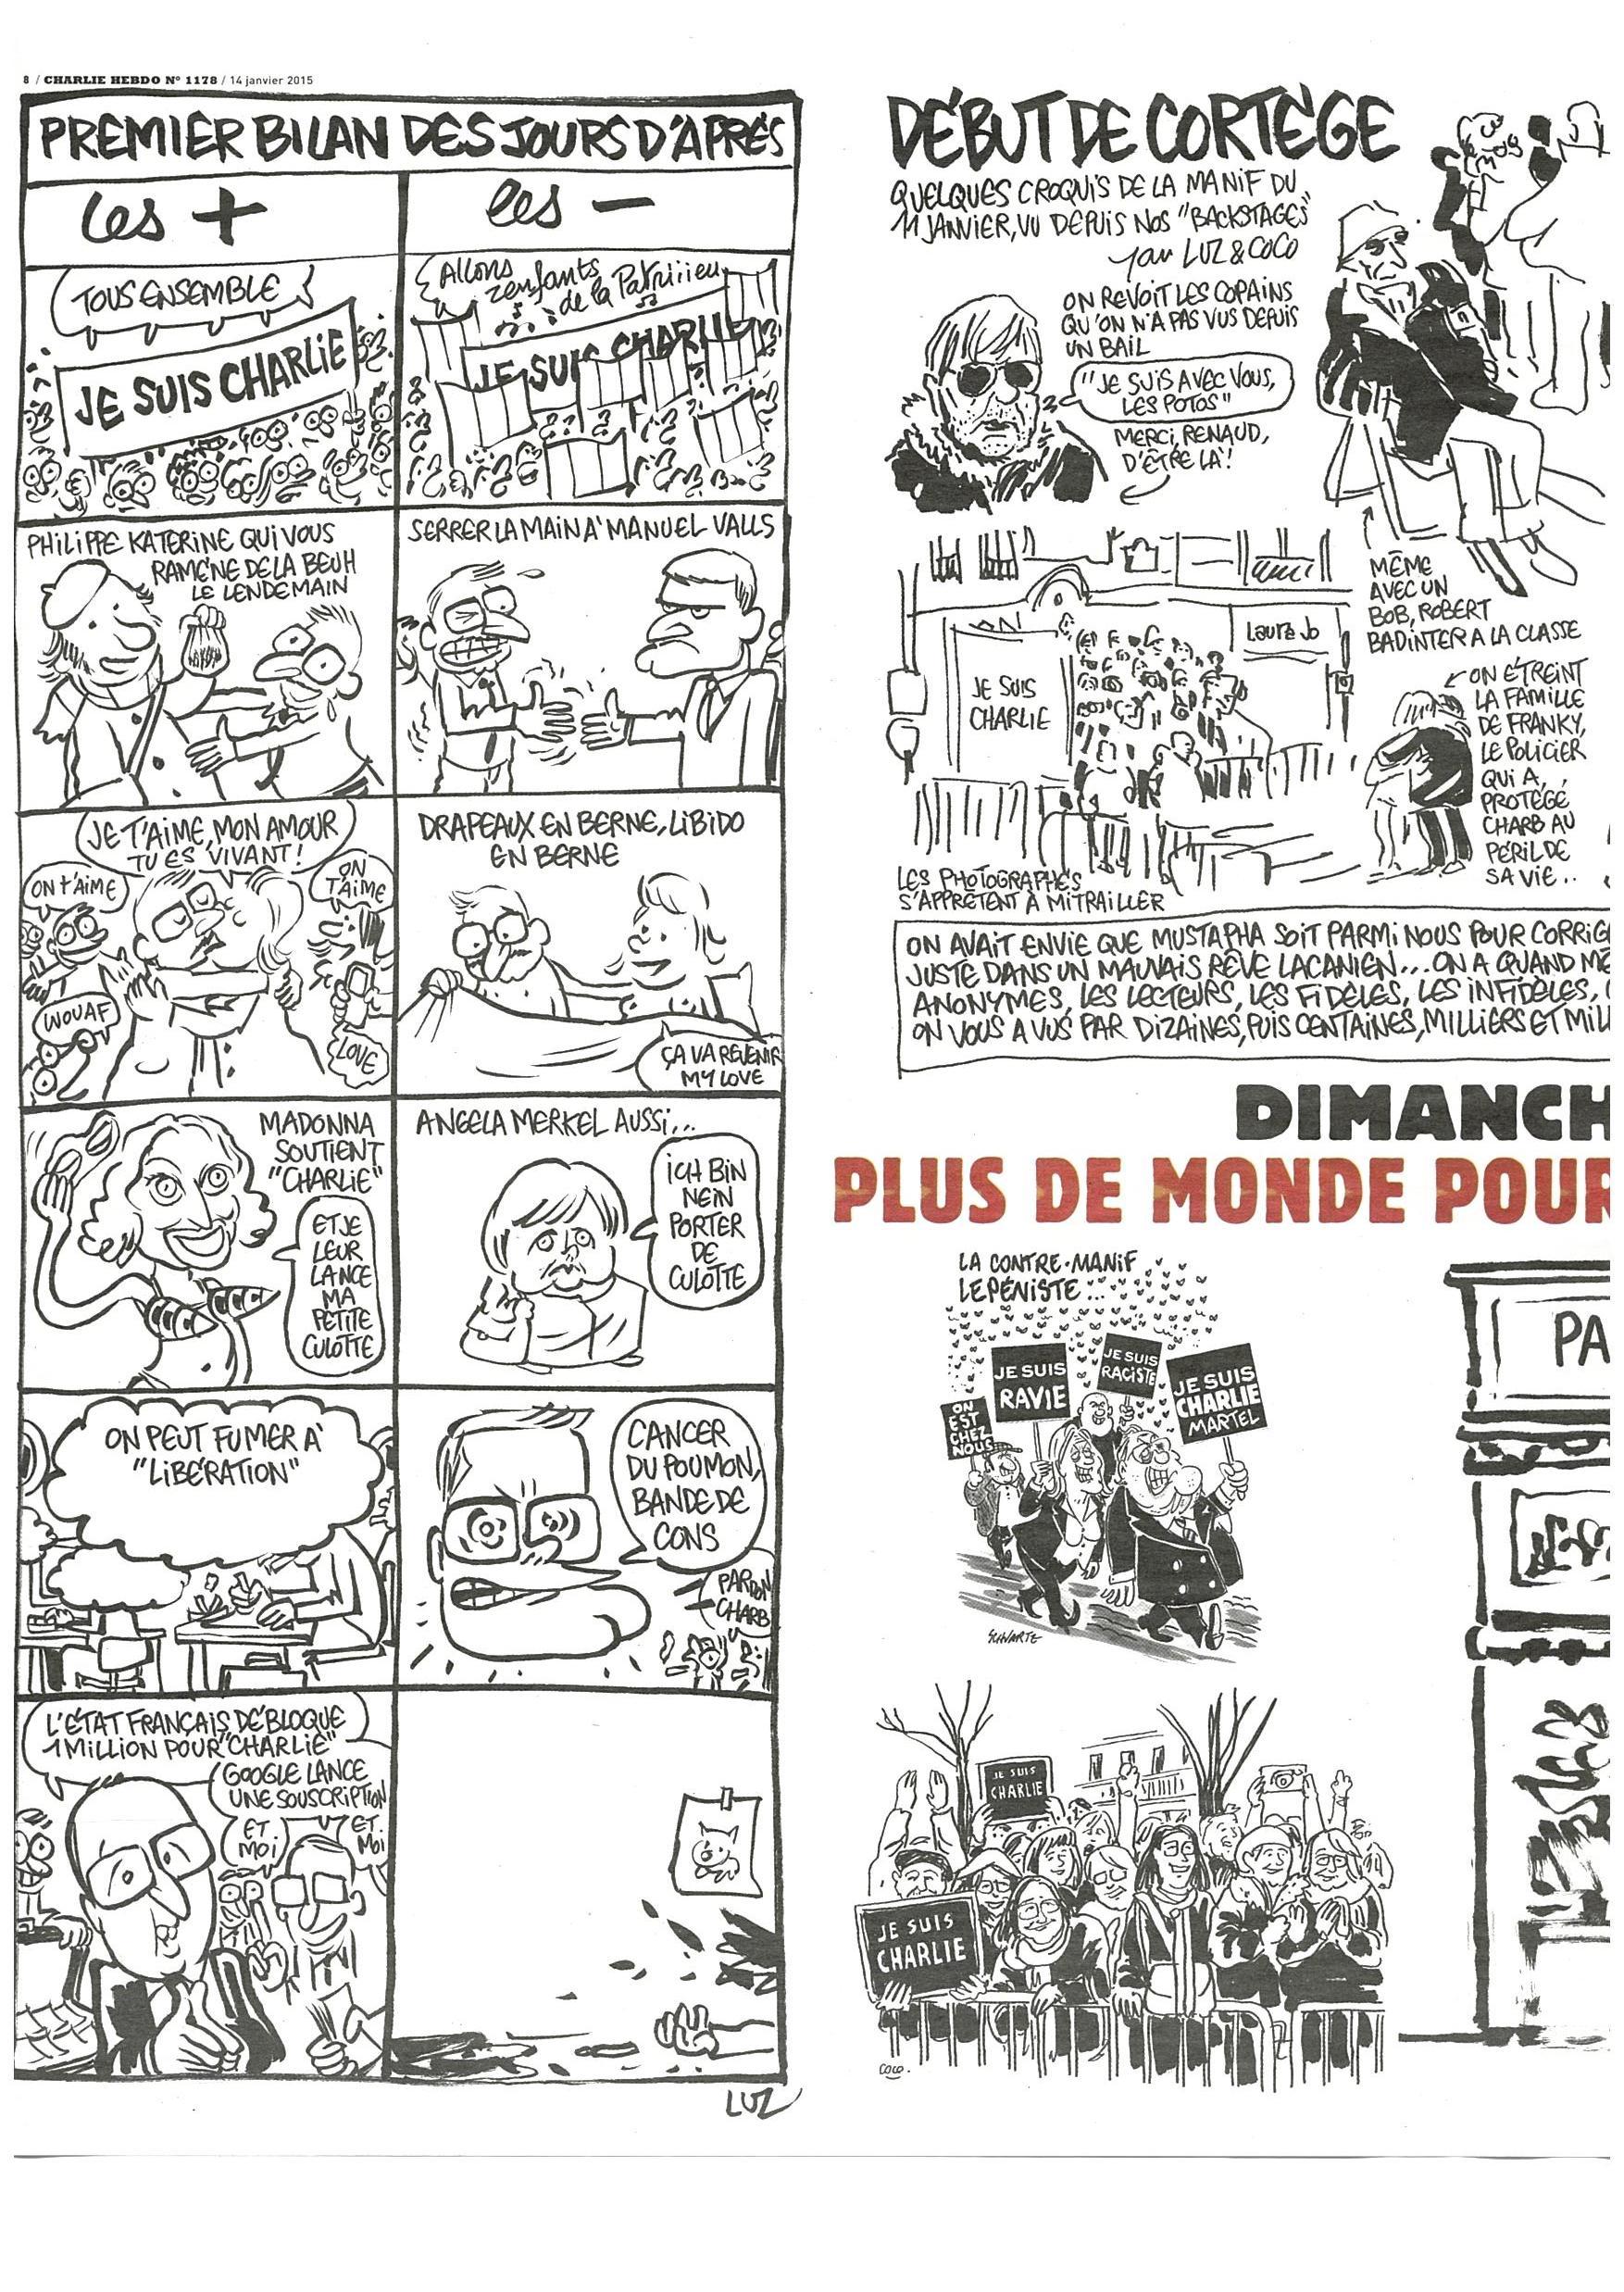 Charlie Hebdo #1178-page-008